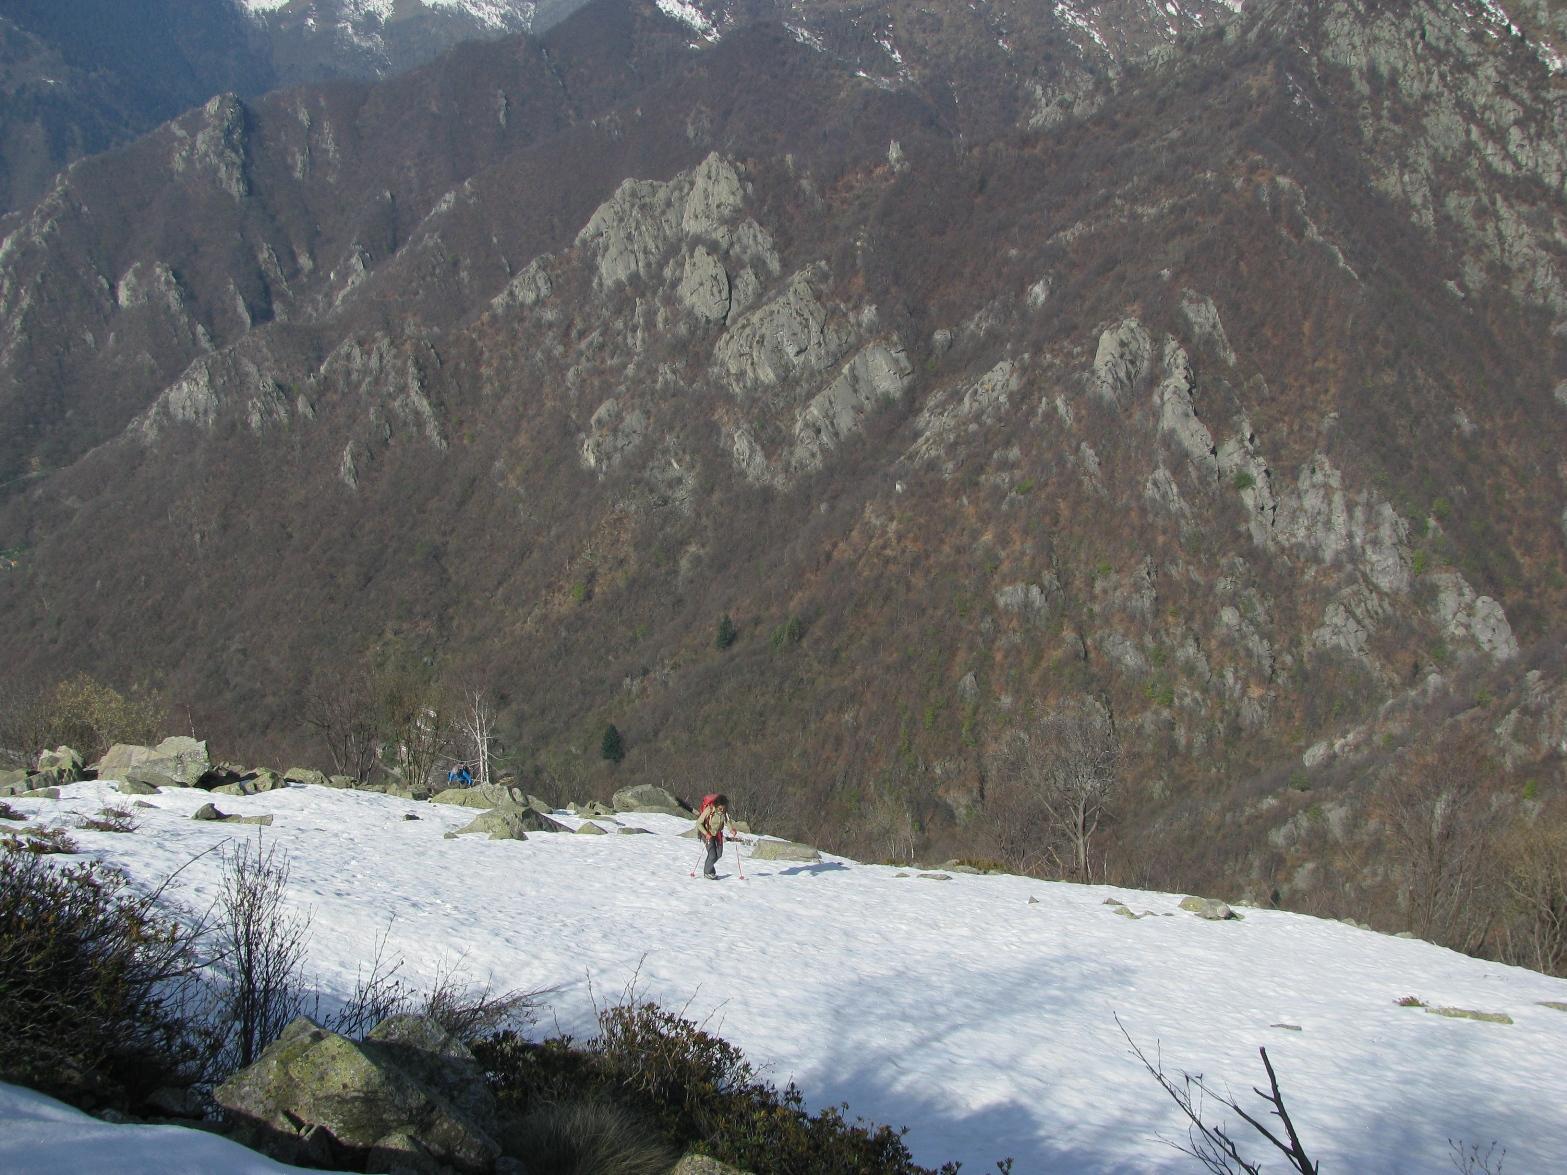 Ancora un pò di neve per raggiungere il Marmo